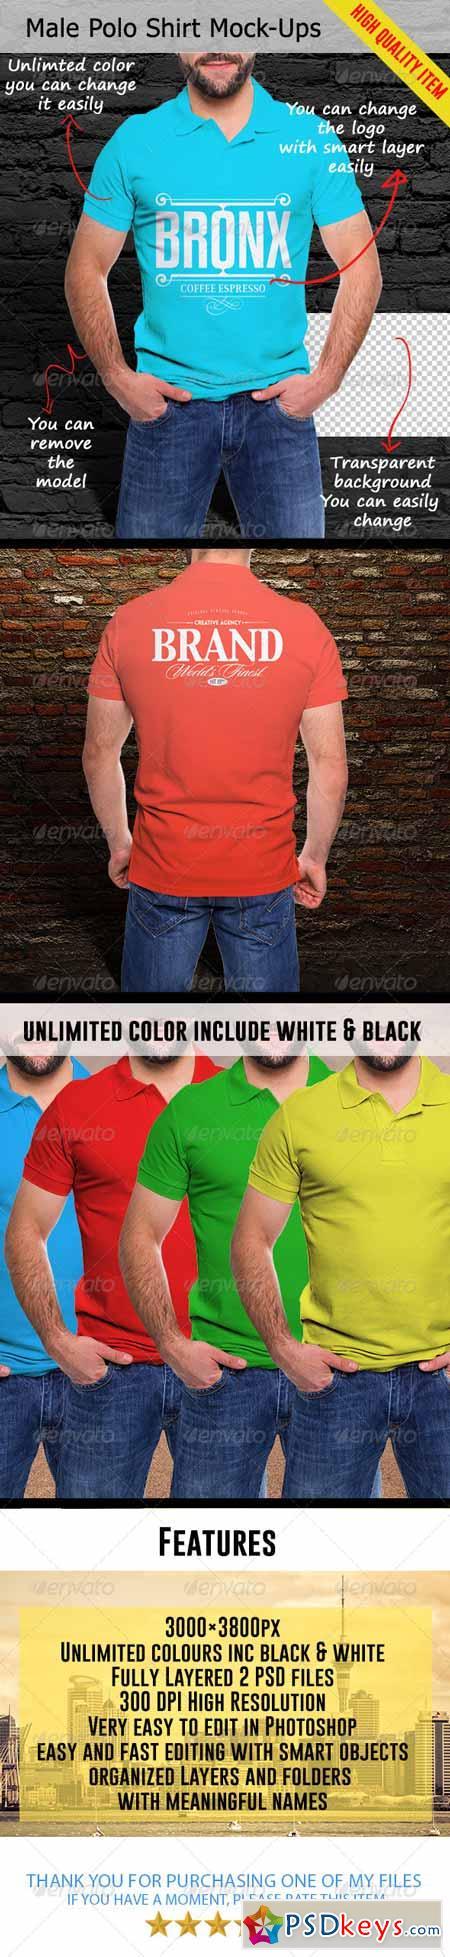 Male Polo Shirt Mock-Ups 7750662